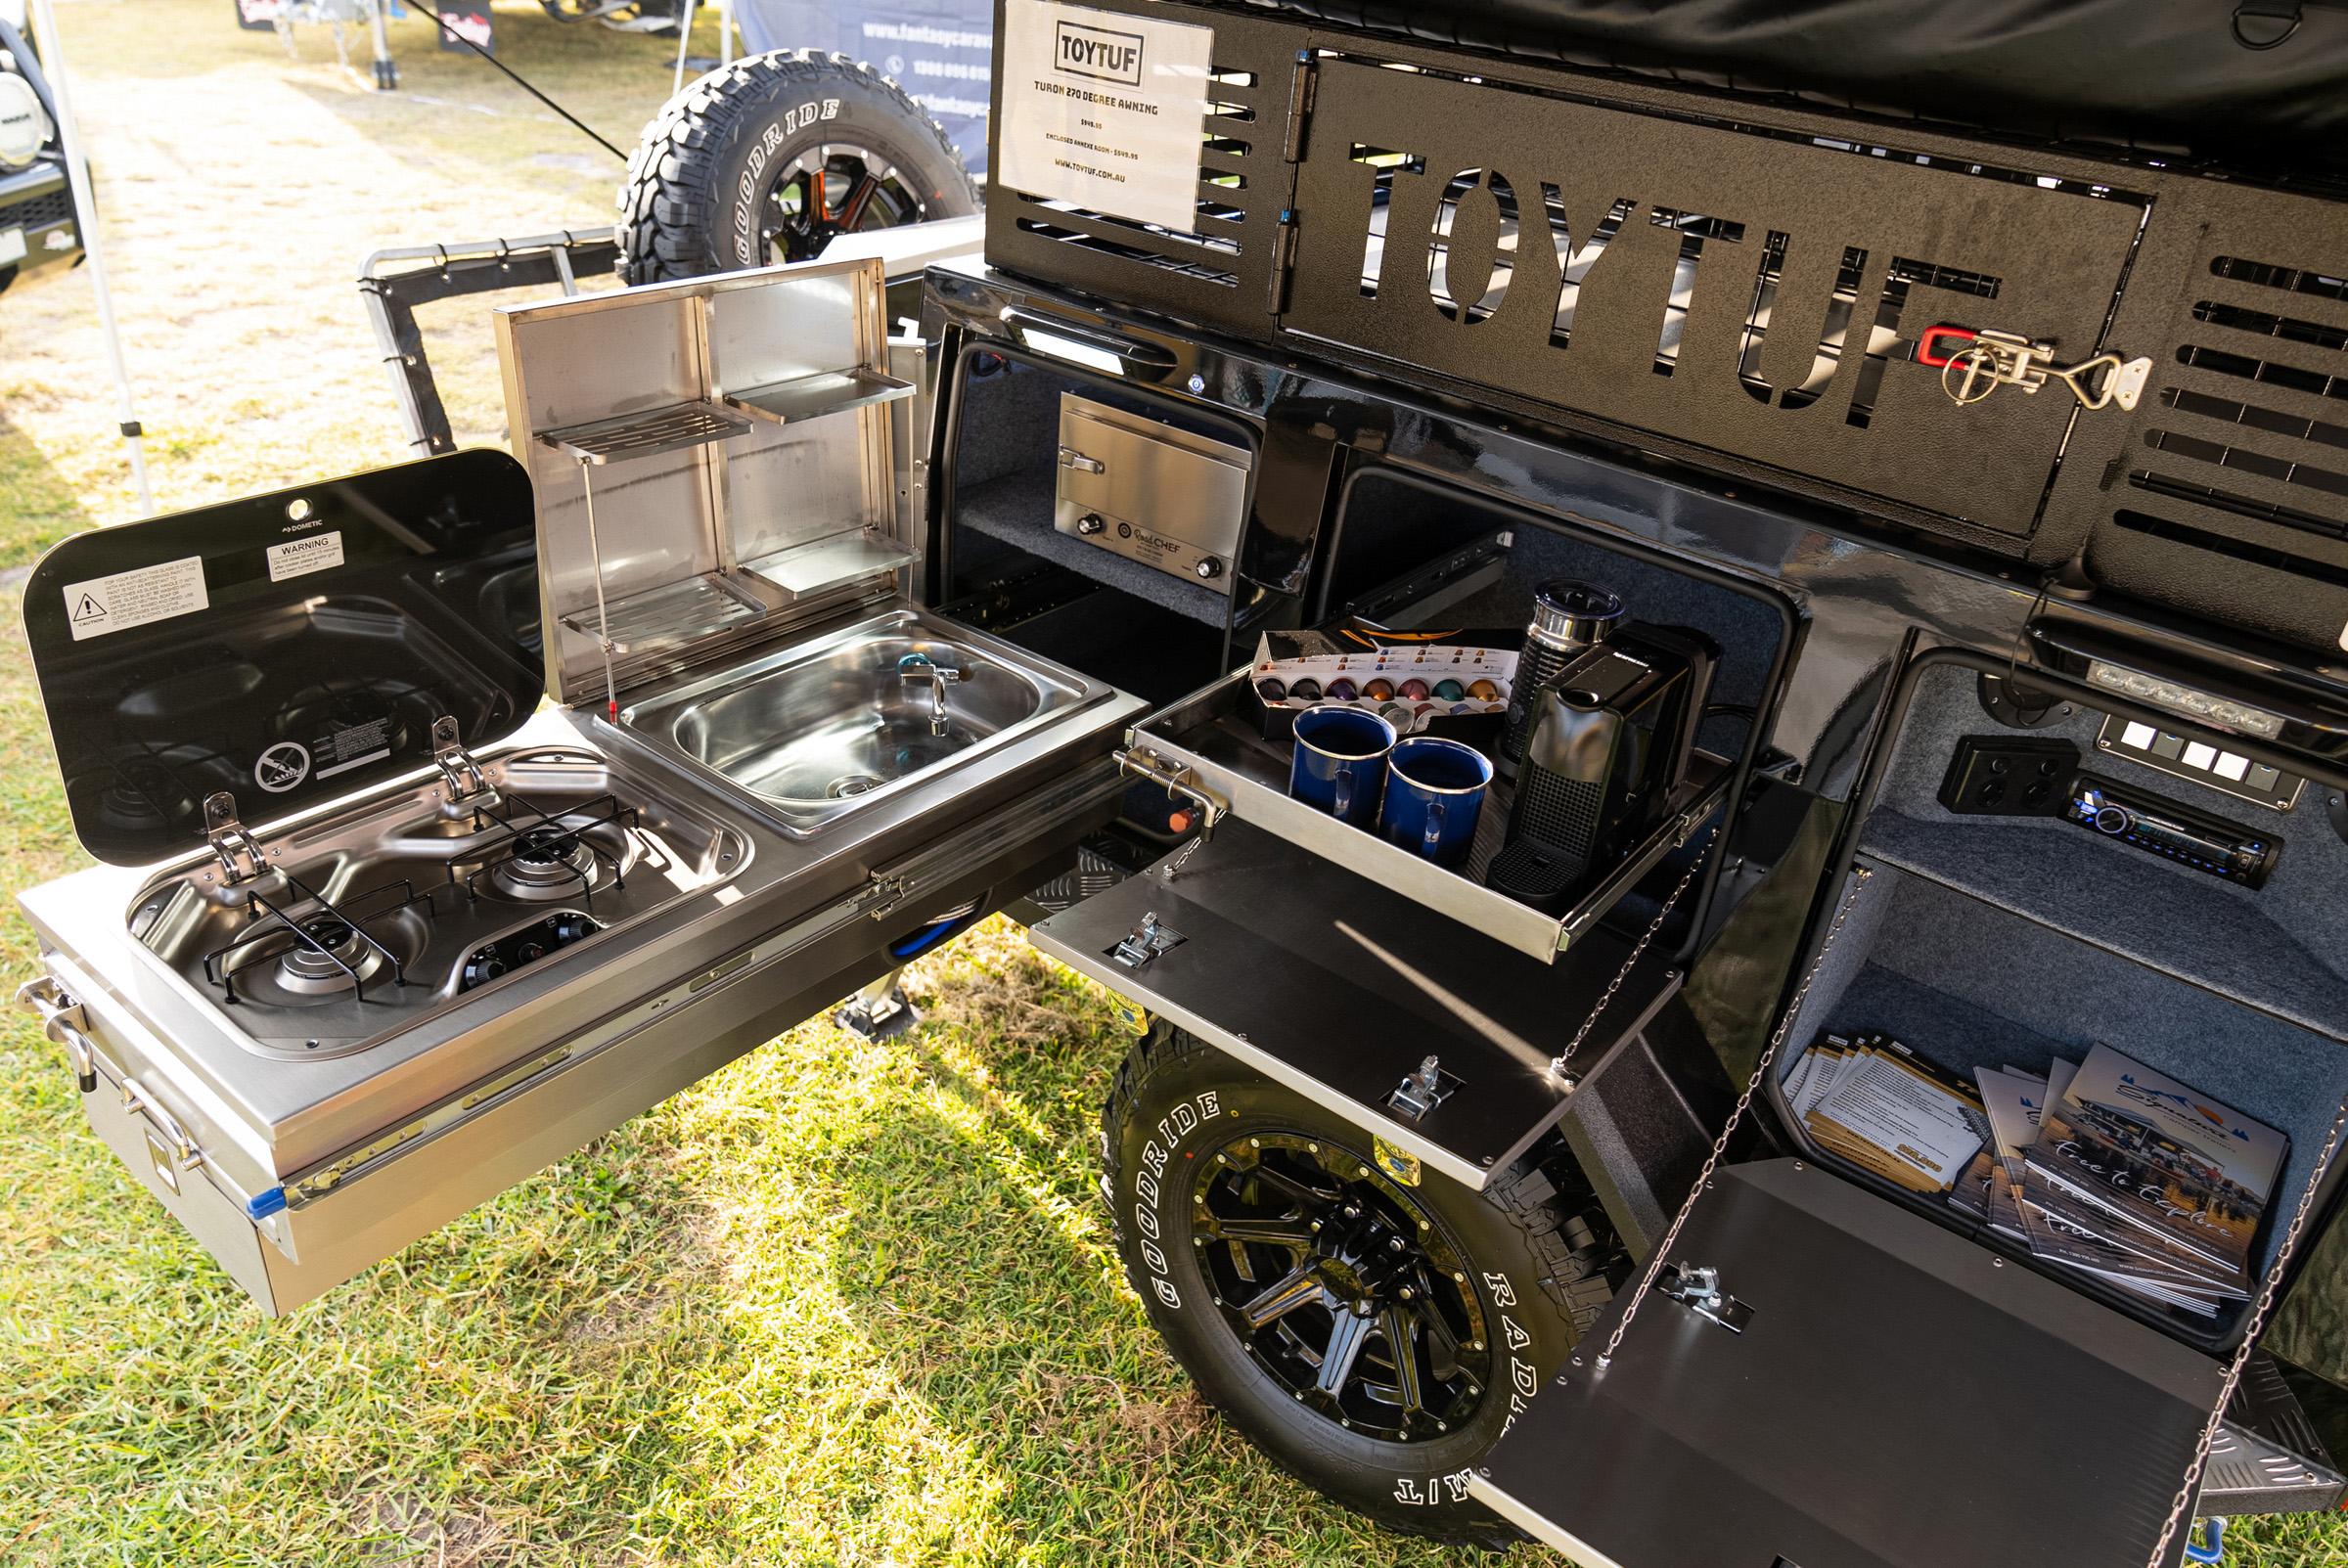 ToyTuf camper trailer kitchen